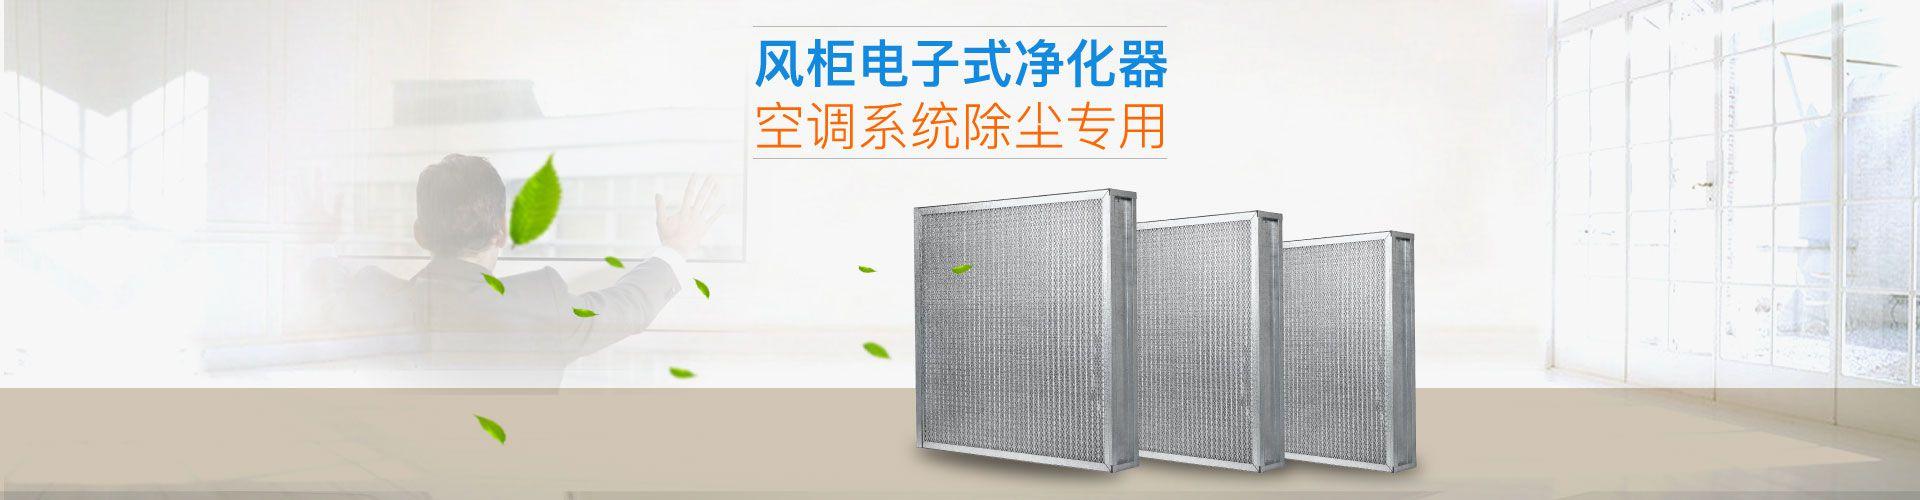 空调风柜空气净化模块